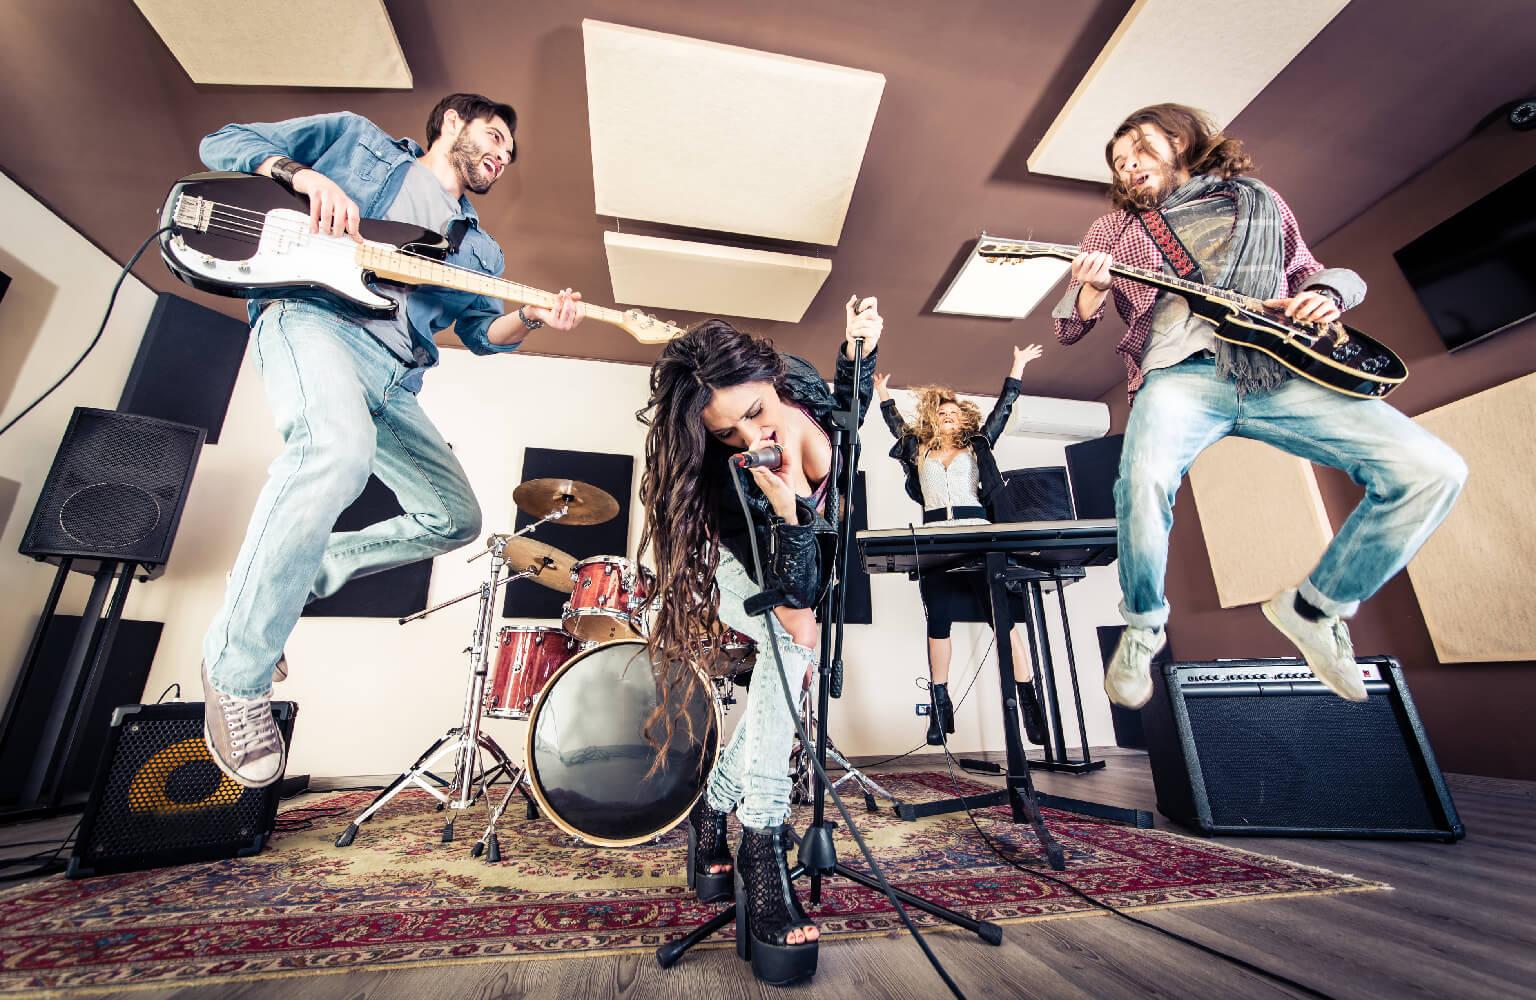 Banda de rock tocando hard rock en el estudio apunto de sorprender a una chica con una de las formas más originales de pedir matrimonio.